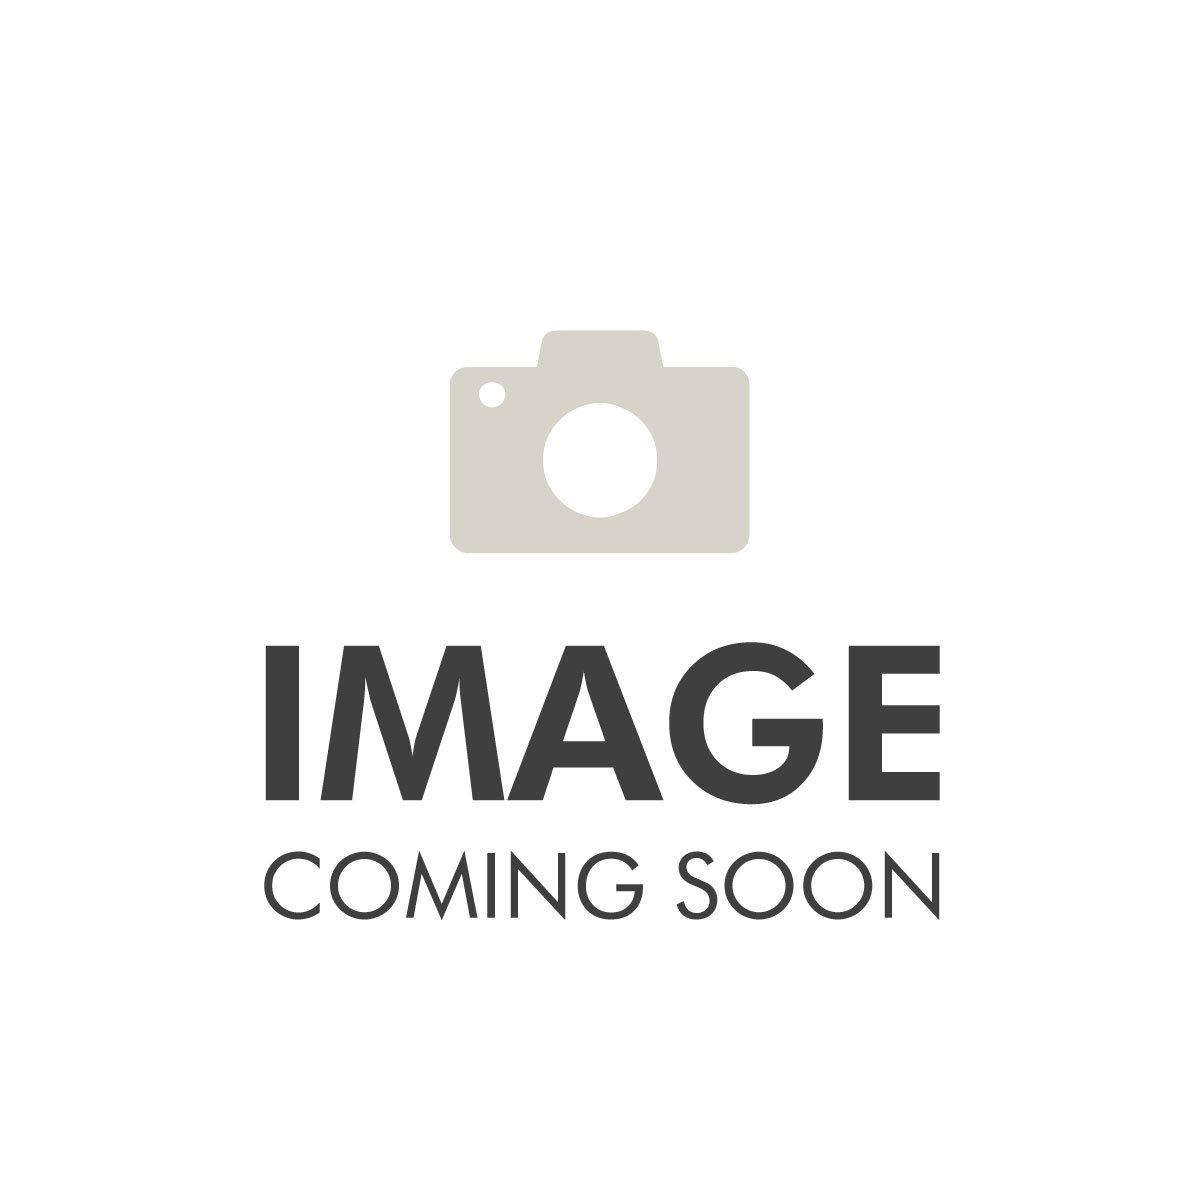 L'Oreal Loreal Majirouge 4.65 Brown Red Mahogany 50ml